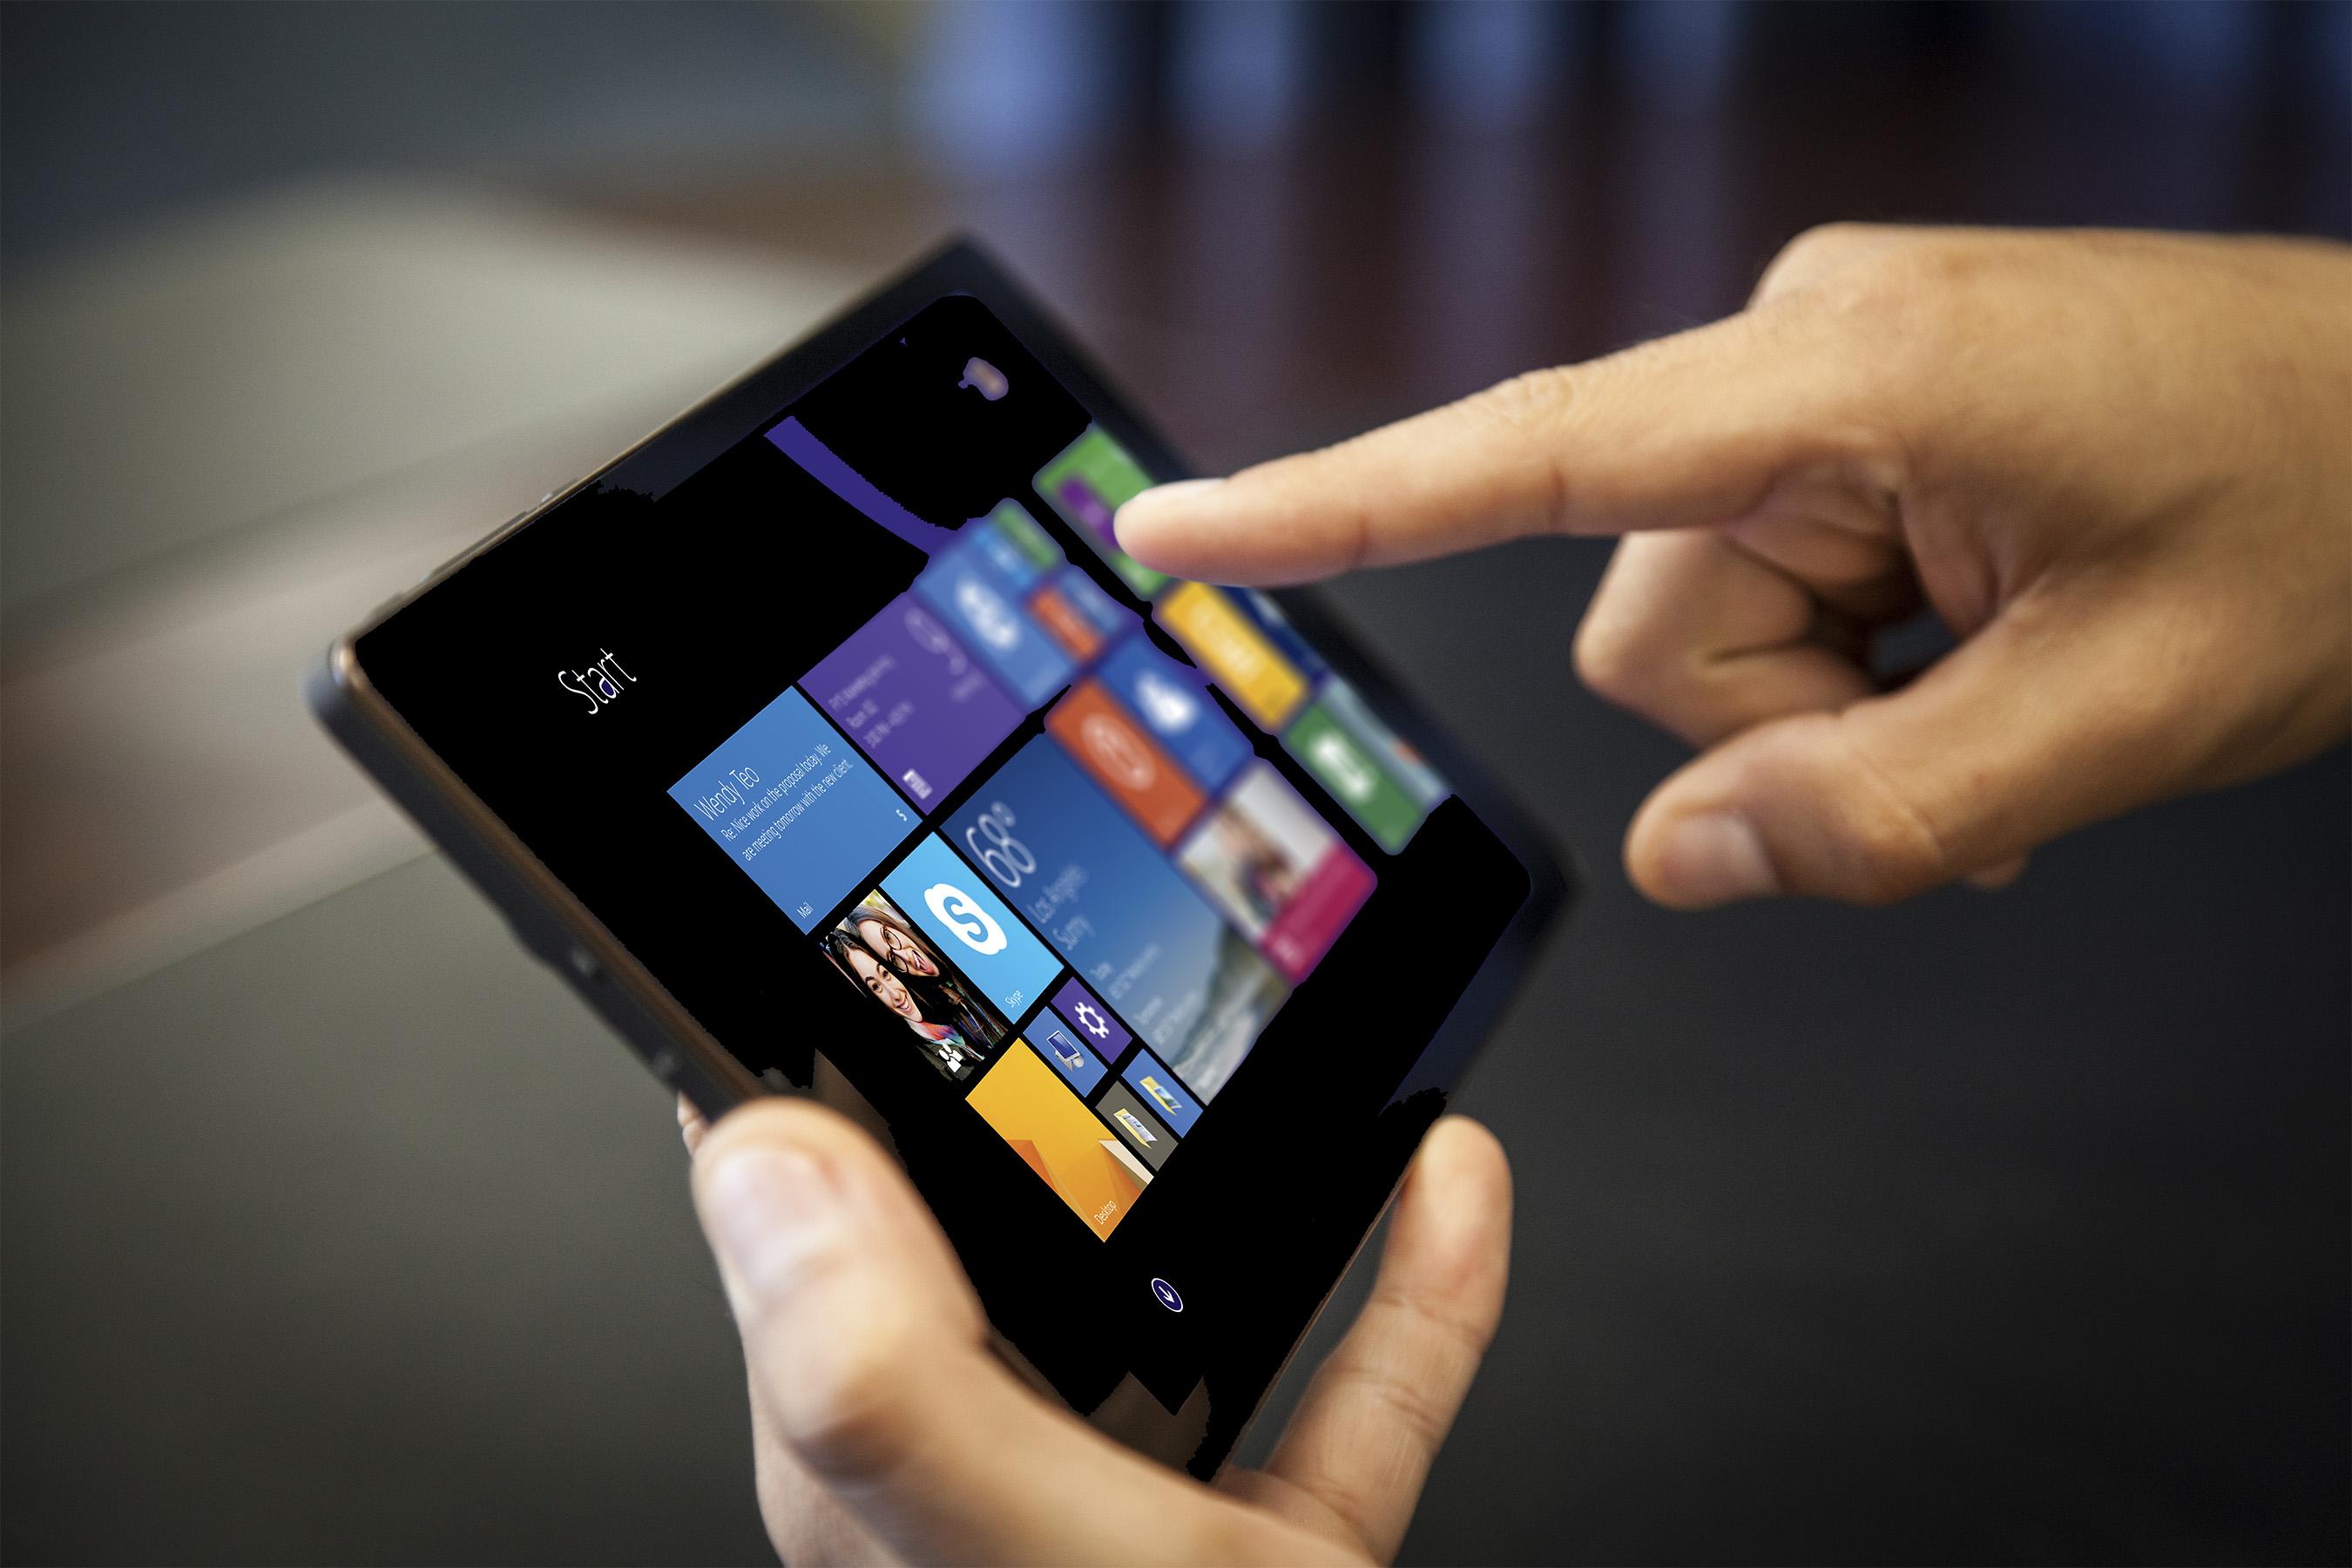 SmartPro 8'' Windows Tablet with accessories - J&Y